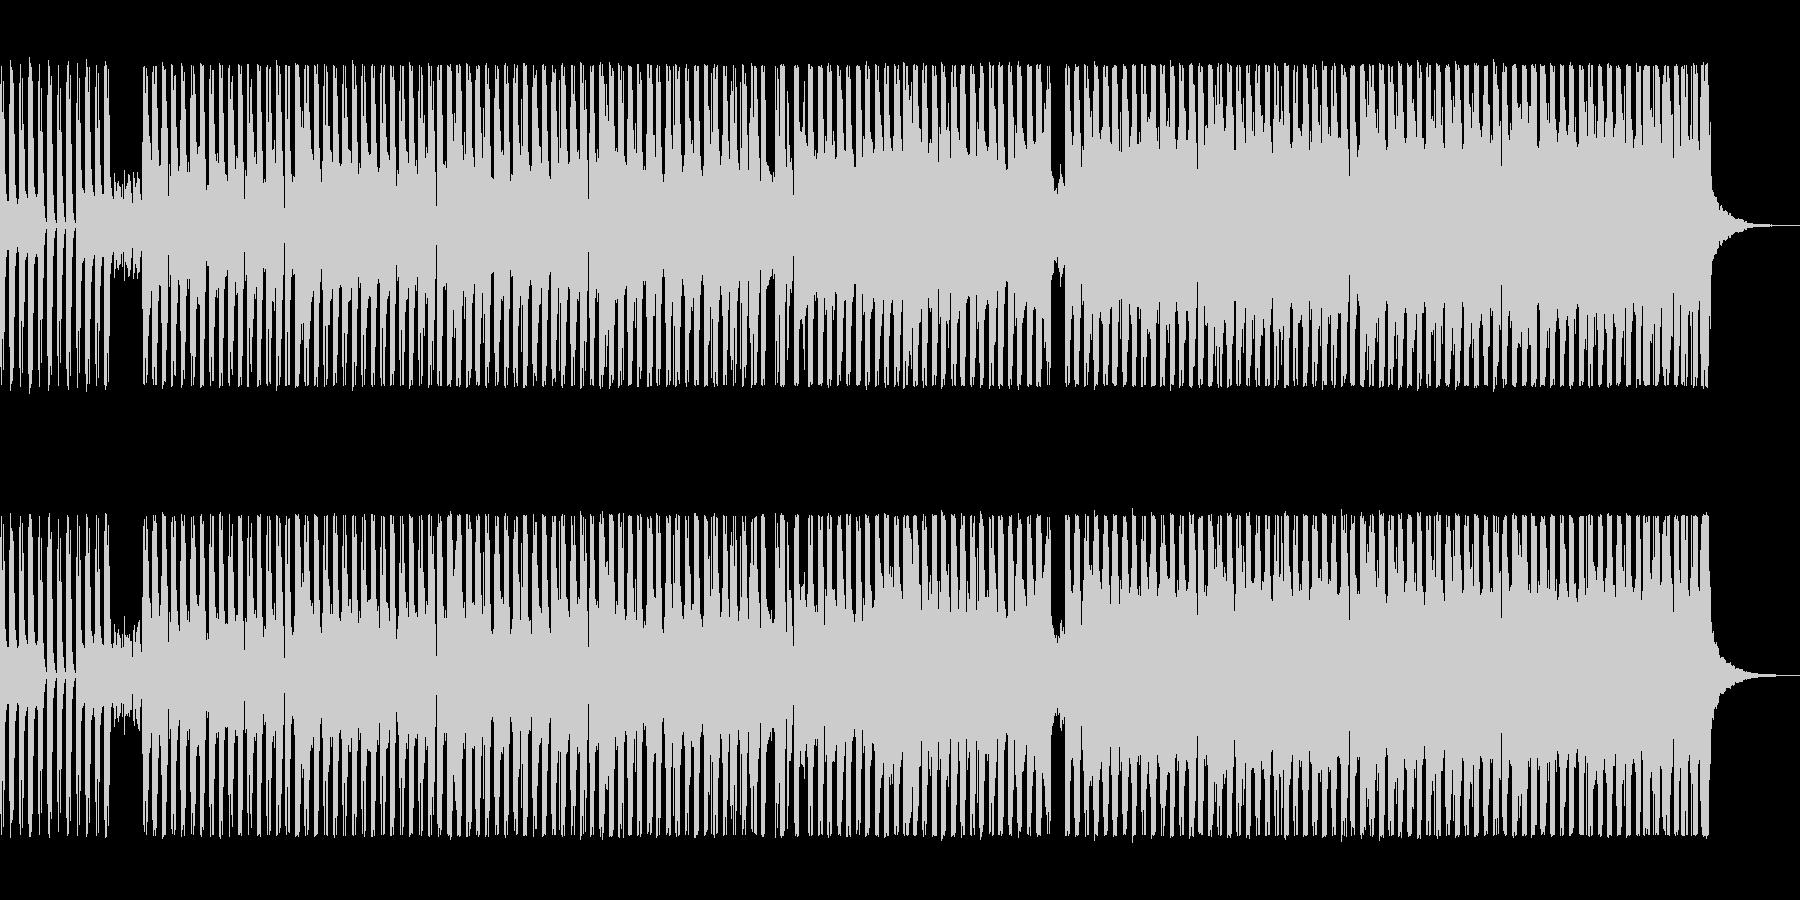 シンセとスラップベースの80sロックの未再生の波形